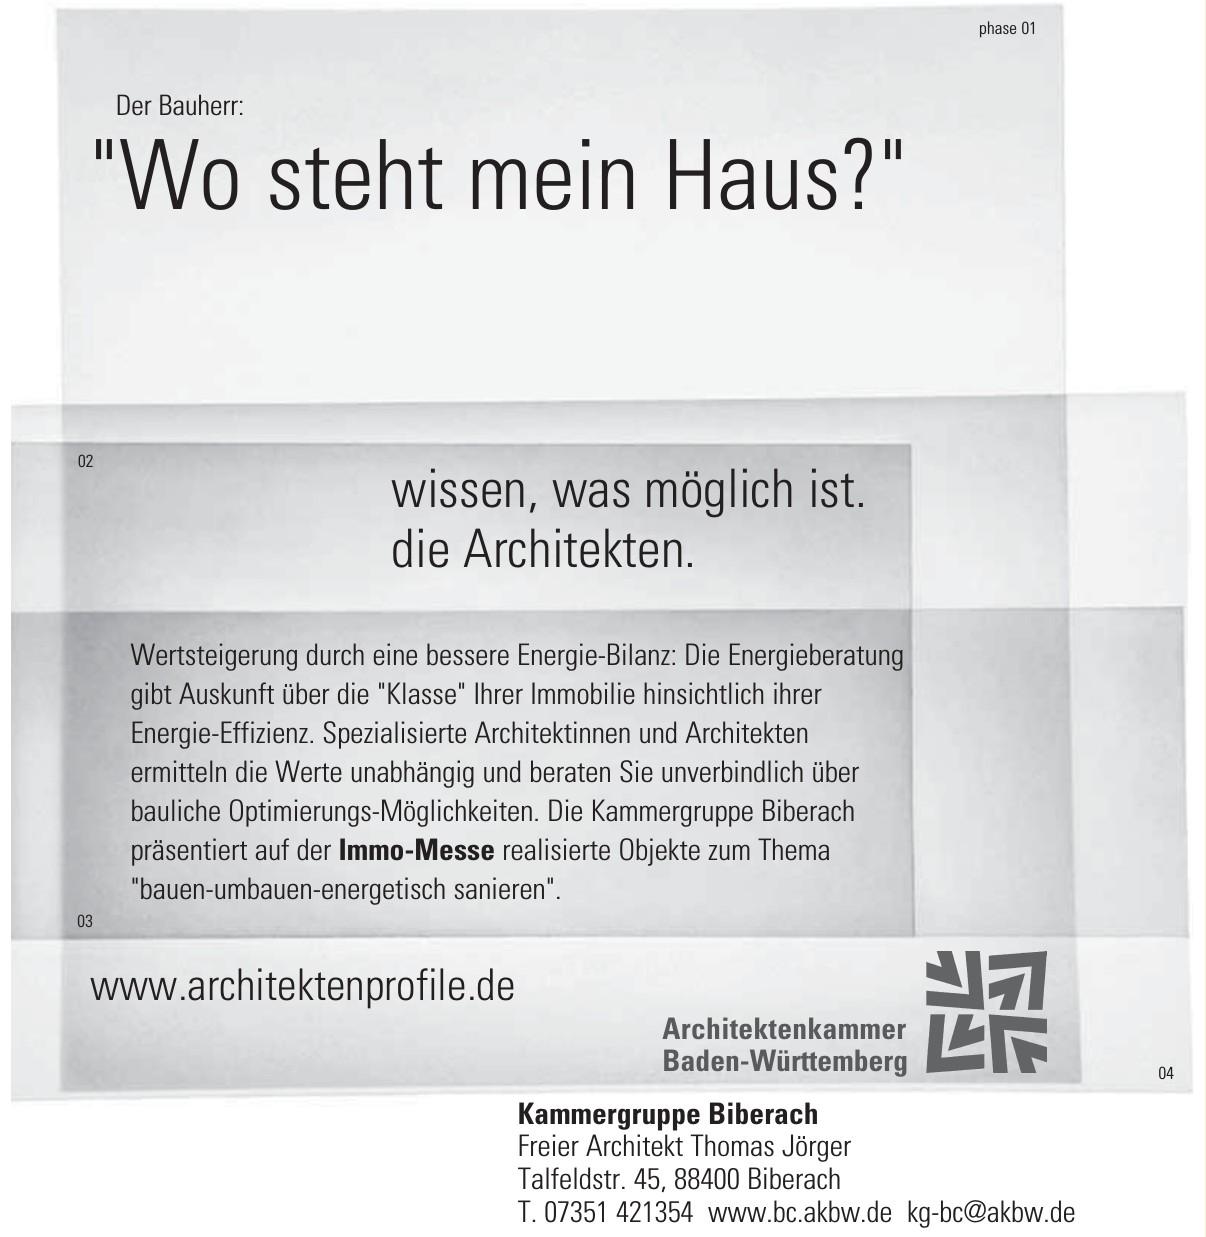 Kammergruppe Biberach - Freier Architekt Thomas Jörger